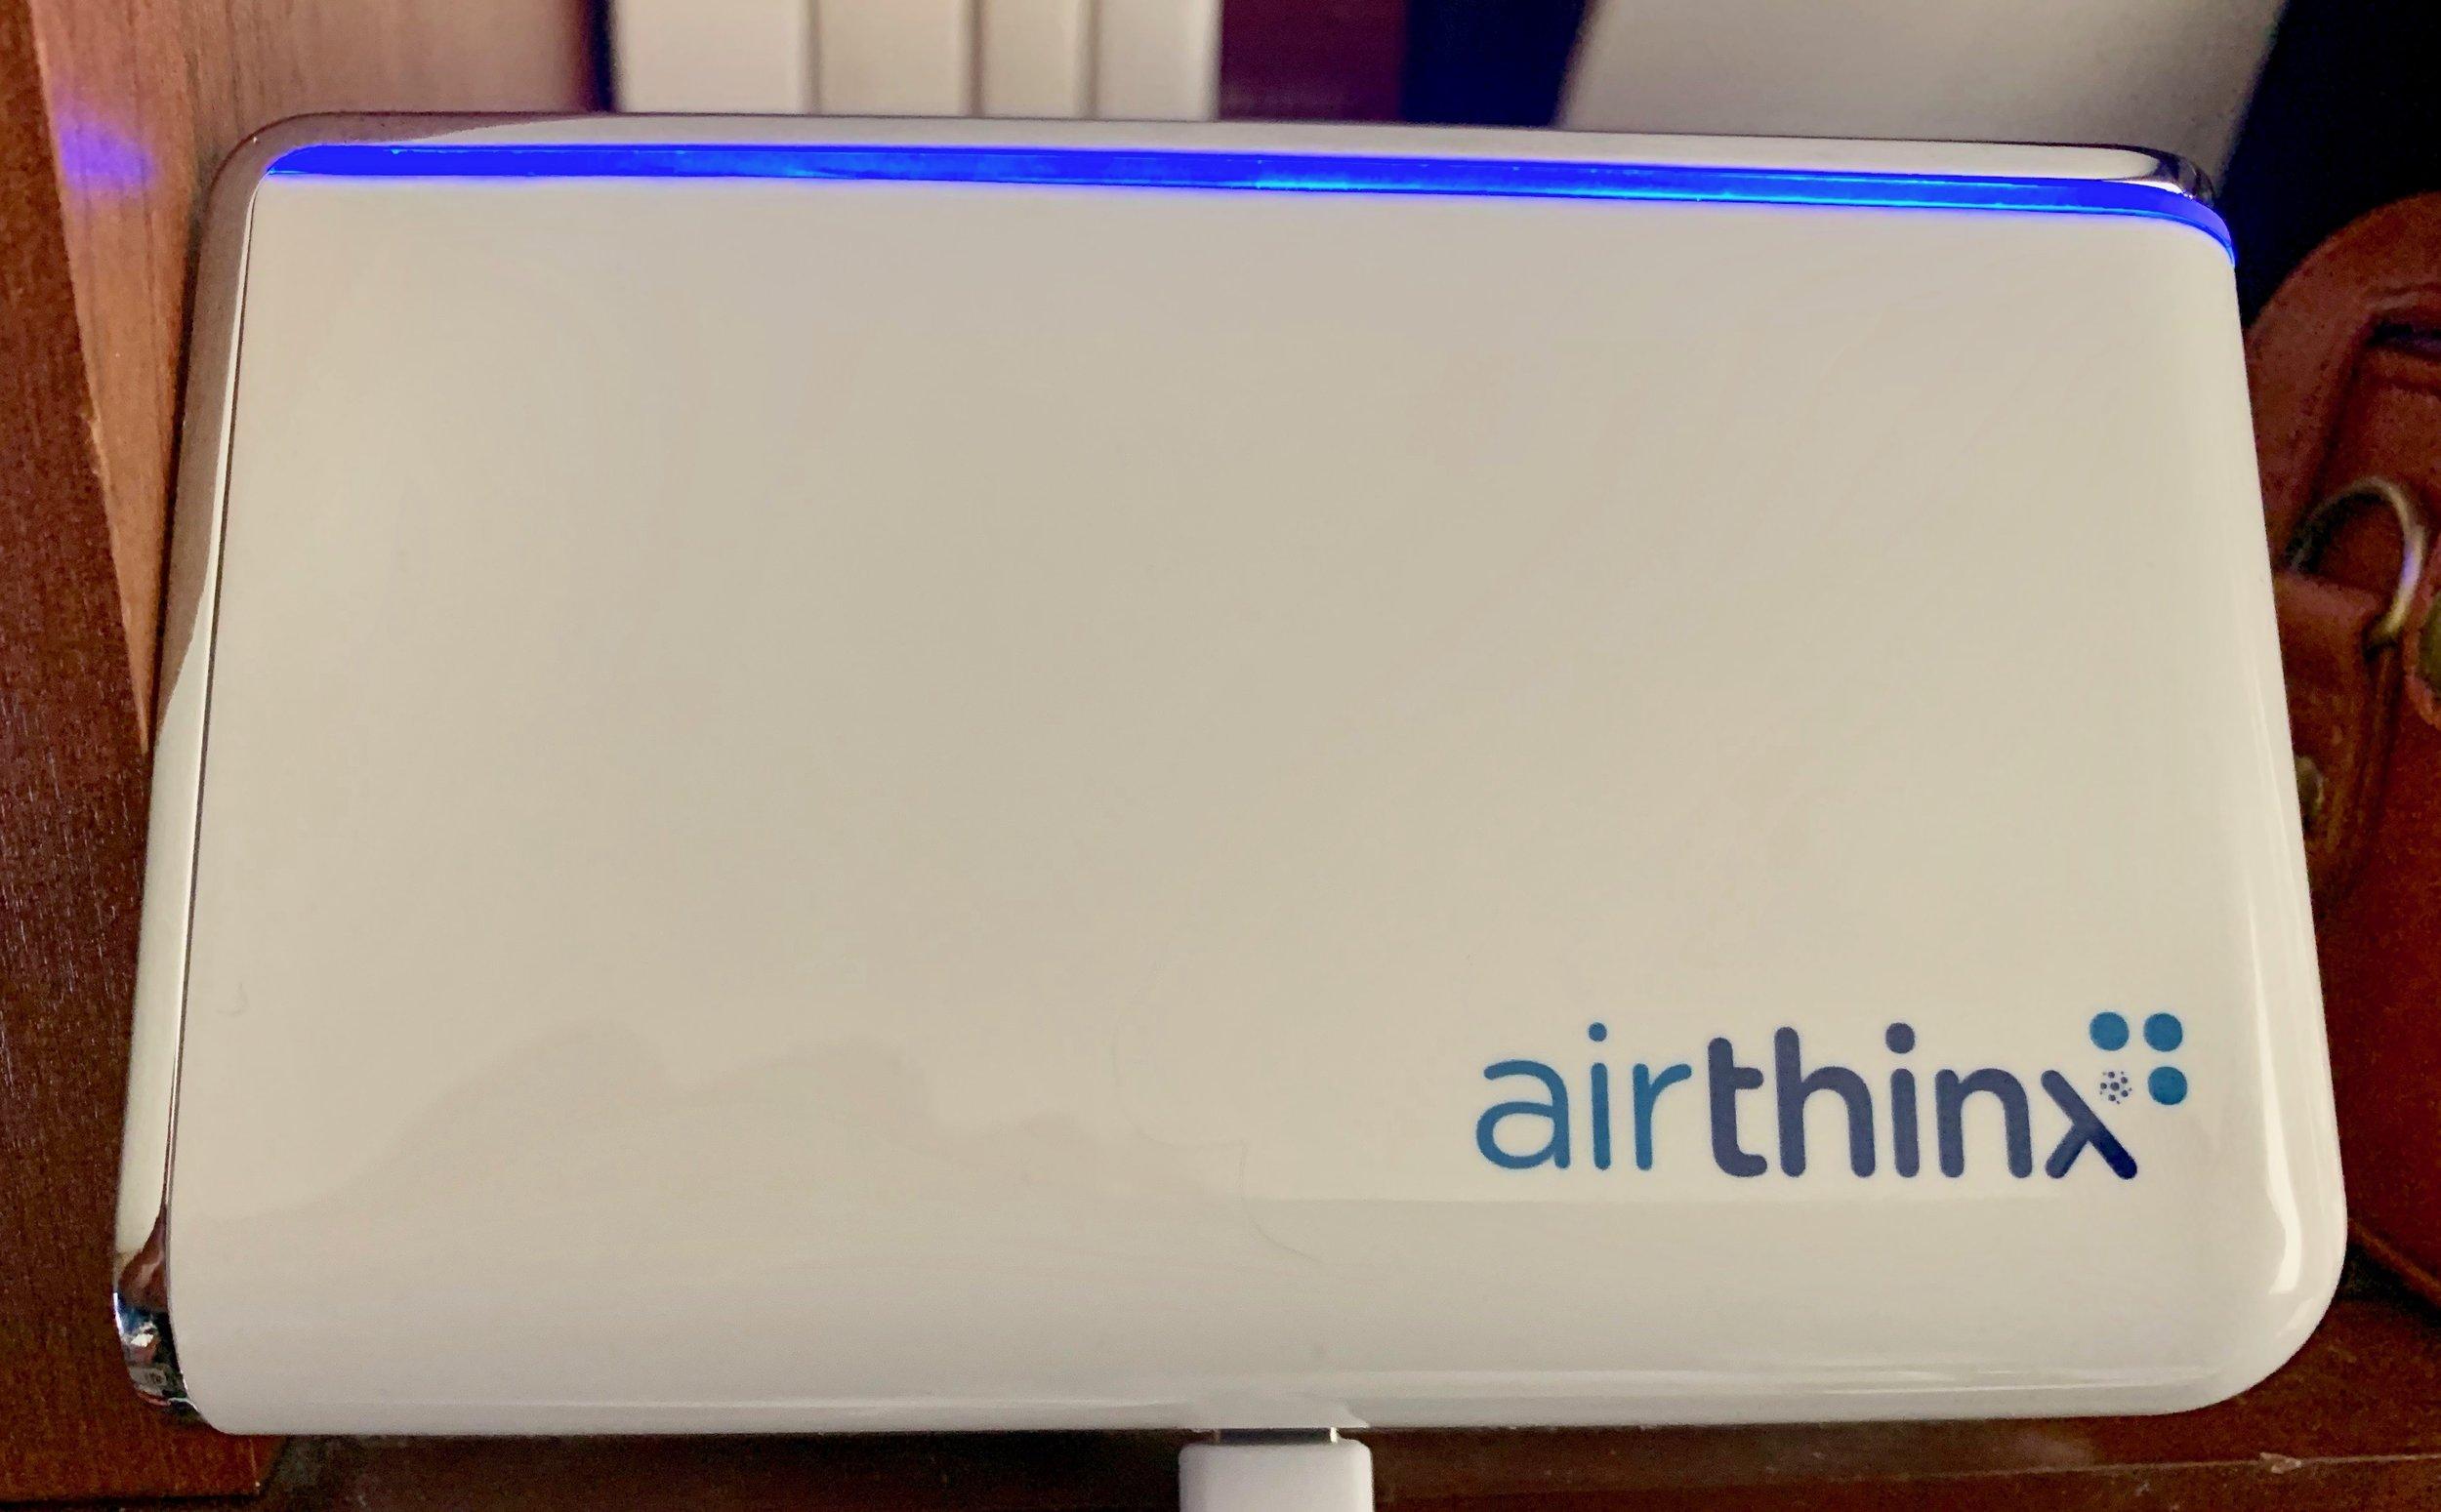 Airthinx IAQ air quality monitor